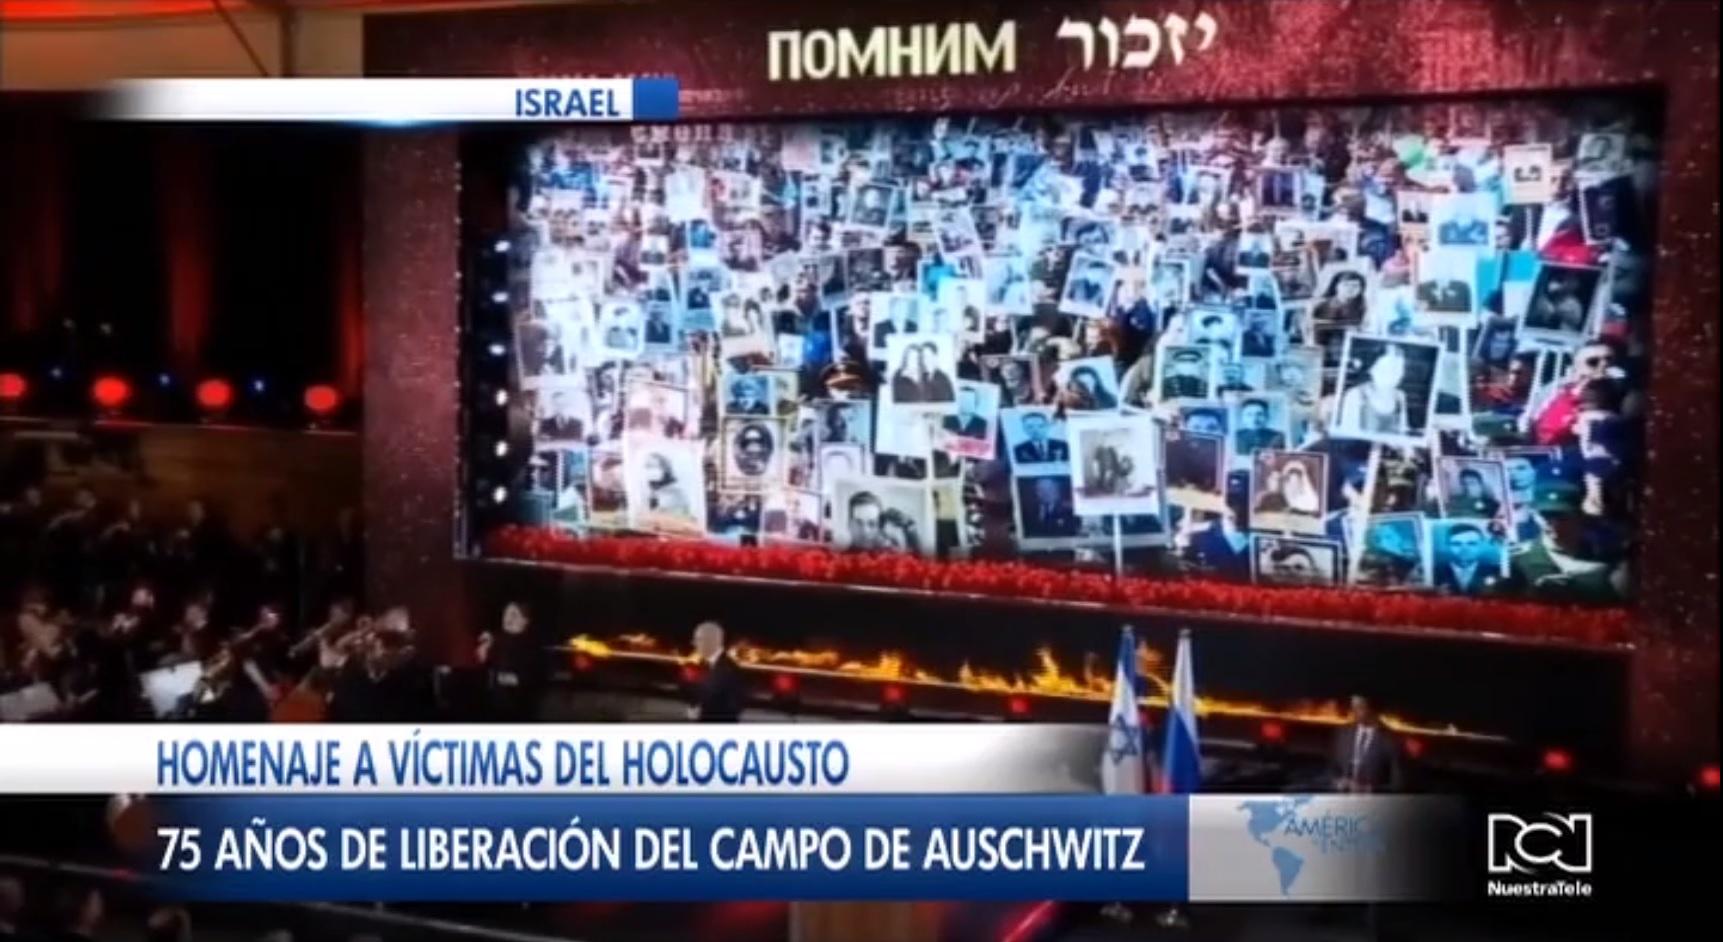 Víctimas del holocausto fueron homenajeadas durante el 75 aniversario de la liberación de Auschwitz